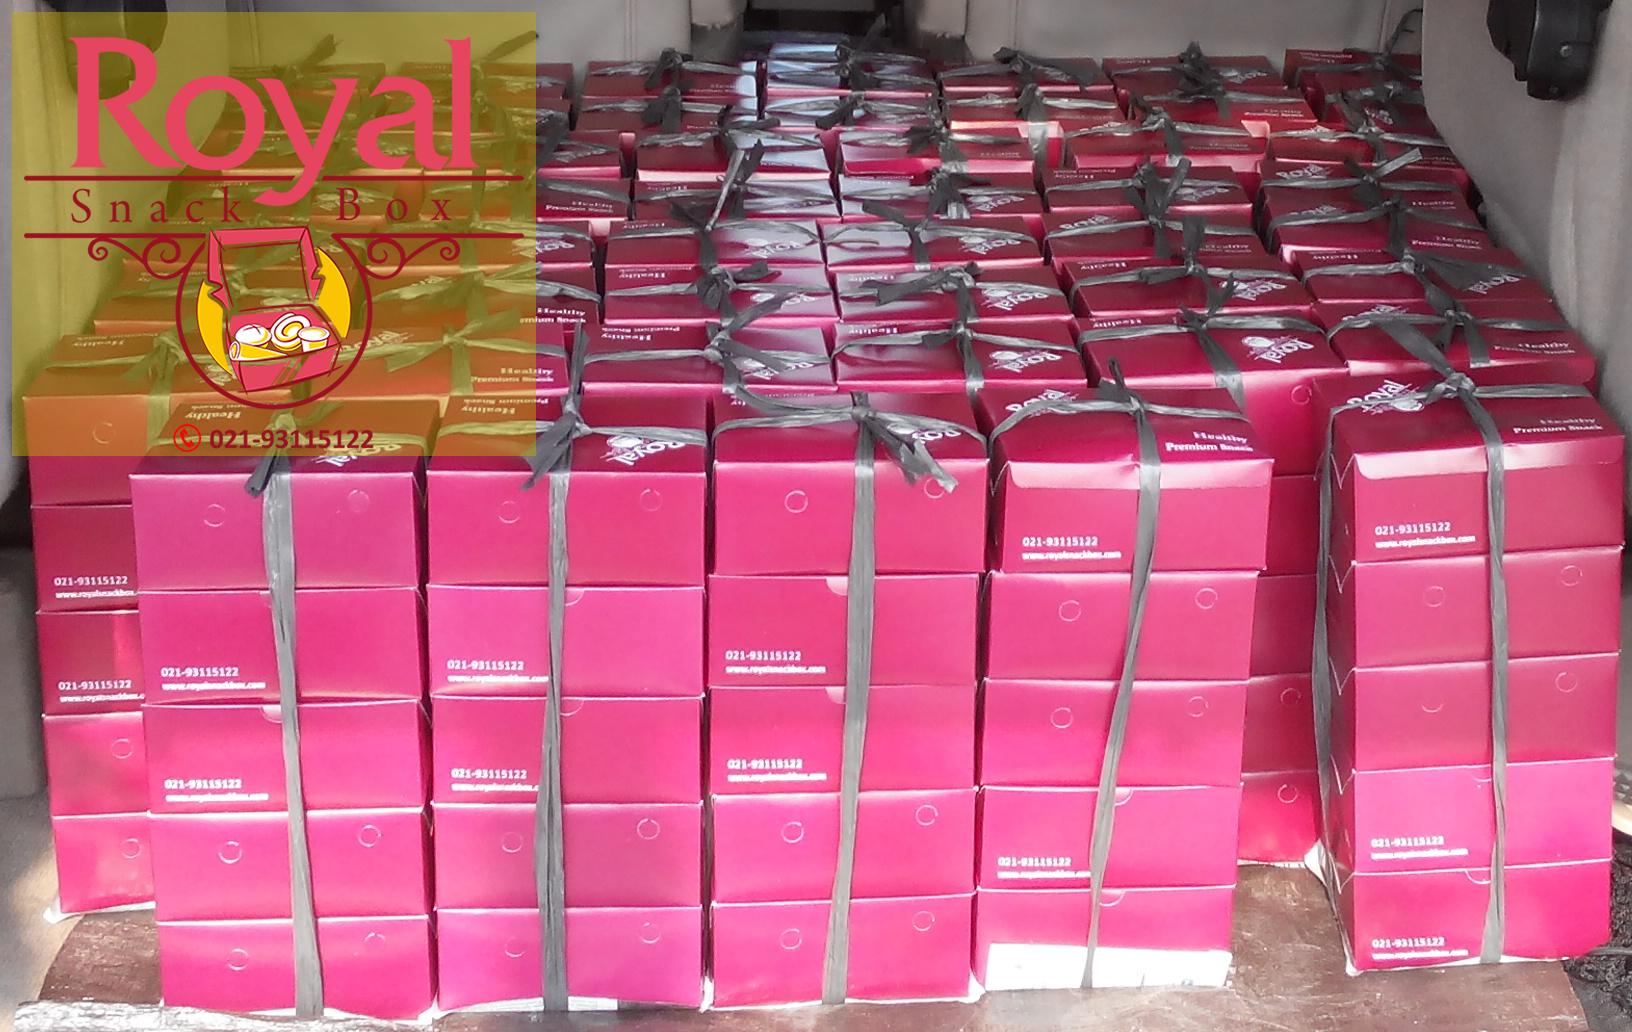 Snack Box Pesanan Ibu Junnita di Jl. Medan Merdeka Barat, Jakarta Pusat